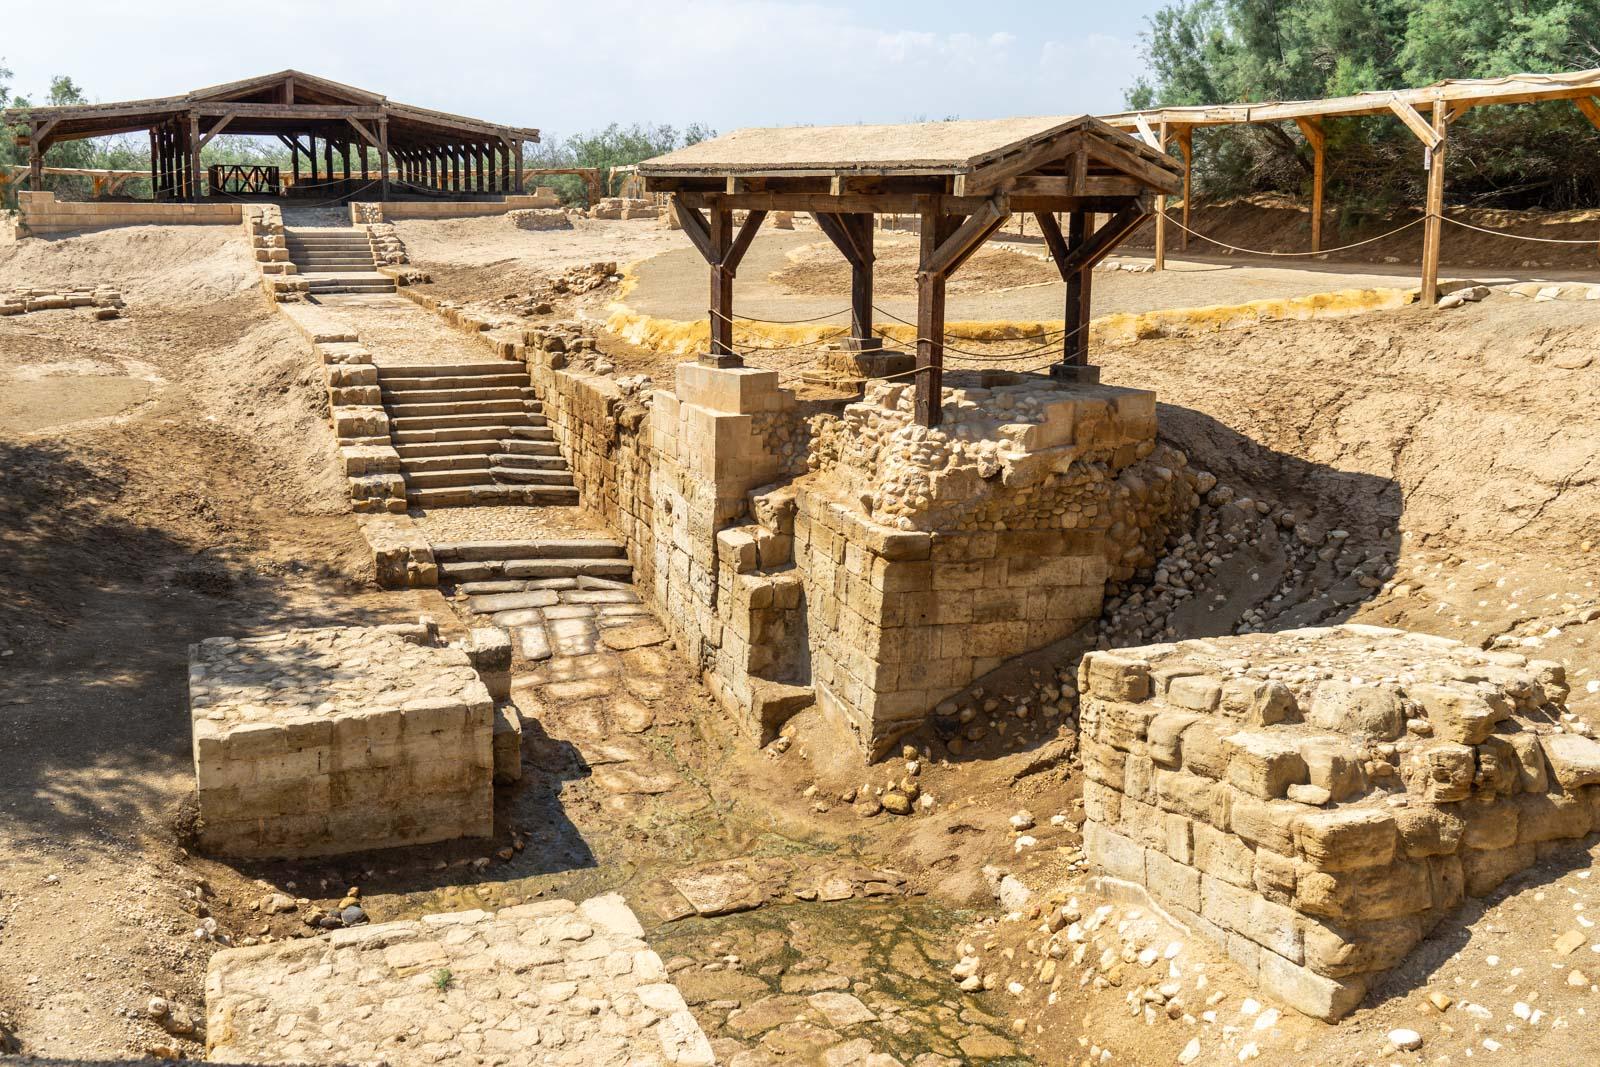 Baptism site, Jordan